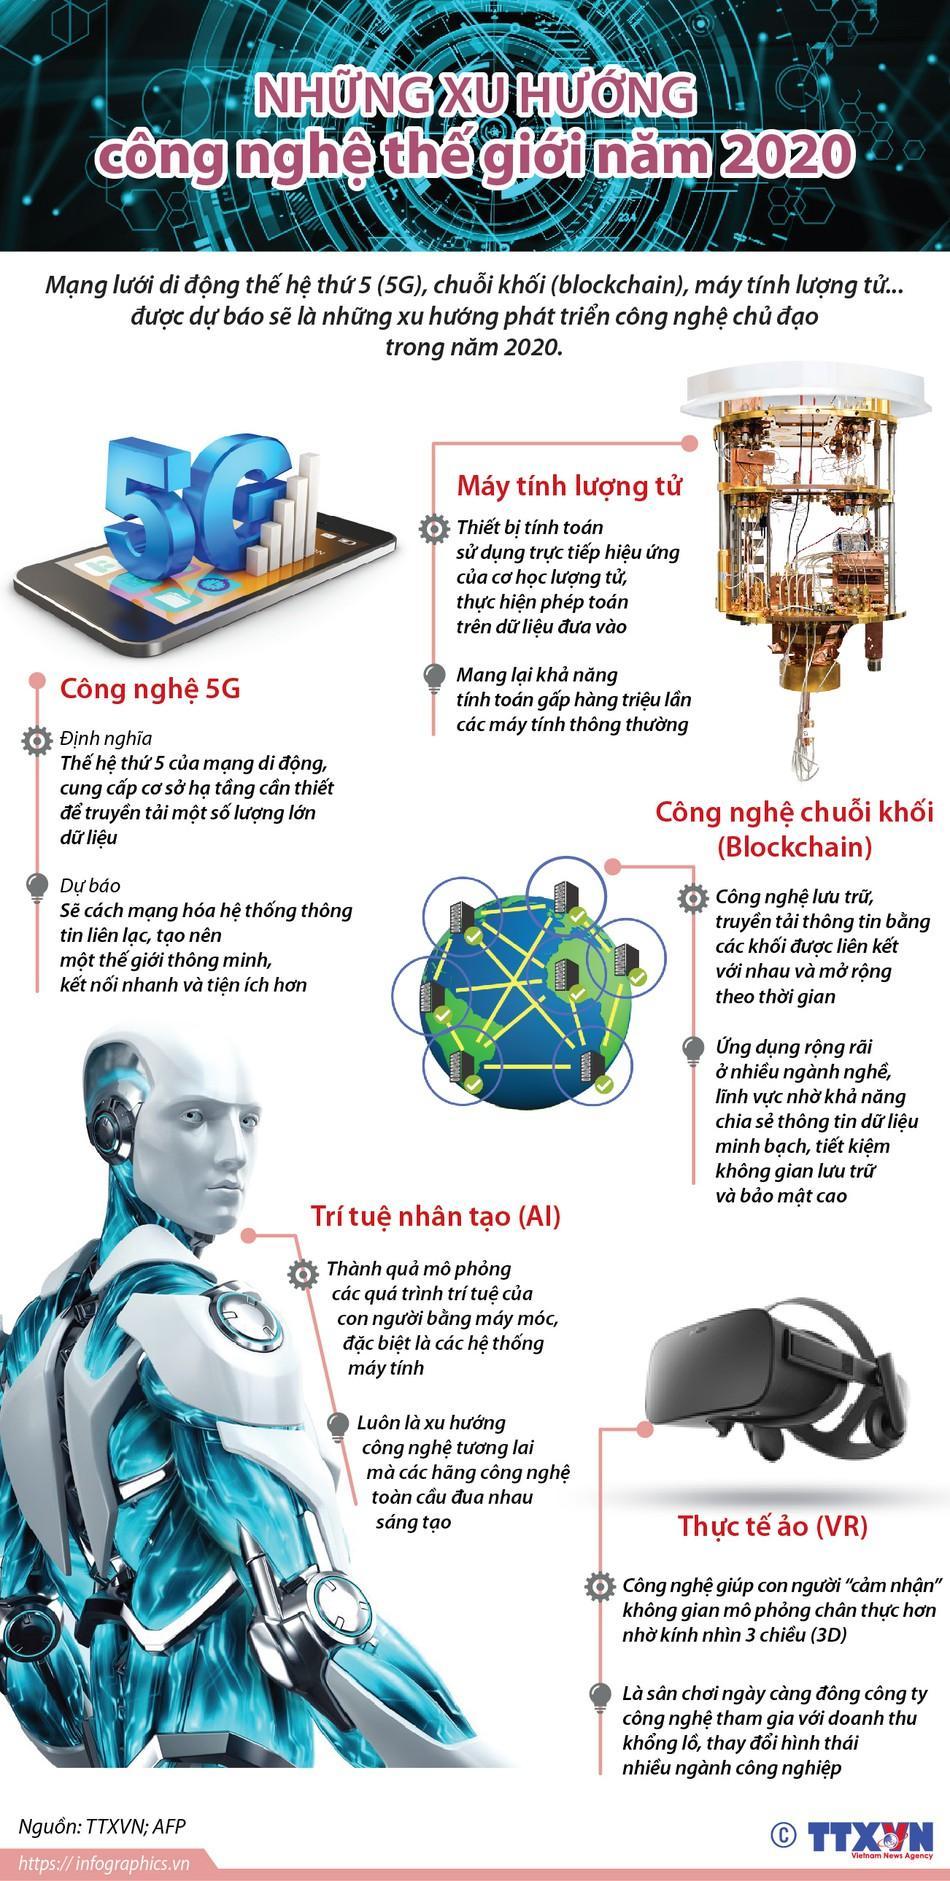 Công nghệ thế giới 2020: 5 xu hướng chính Ảnh 1